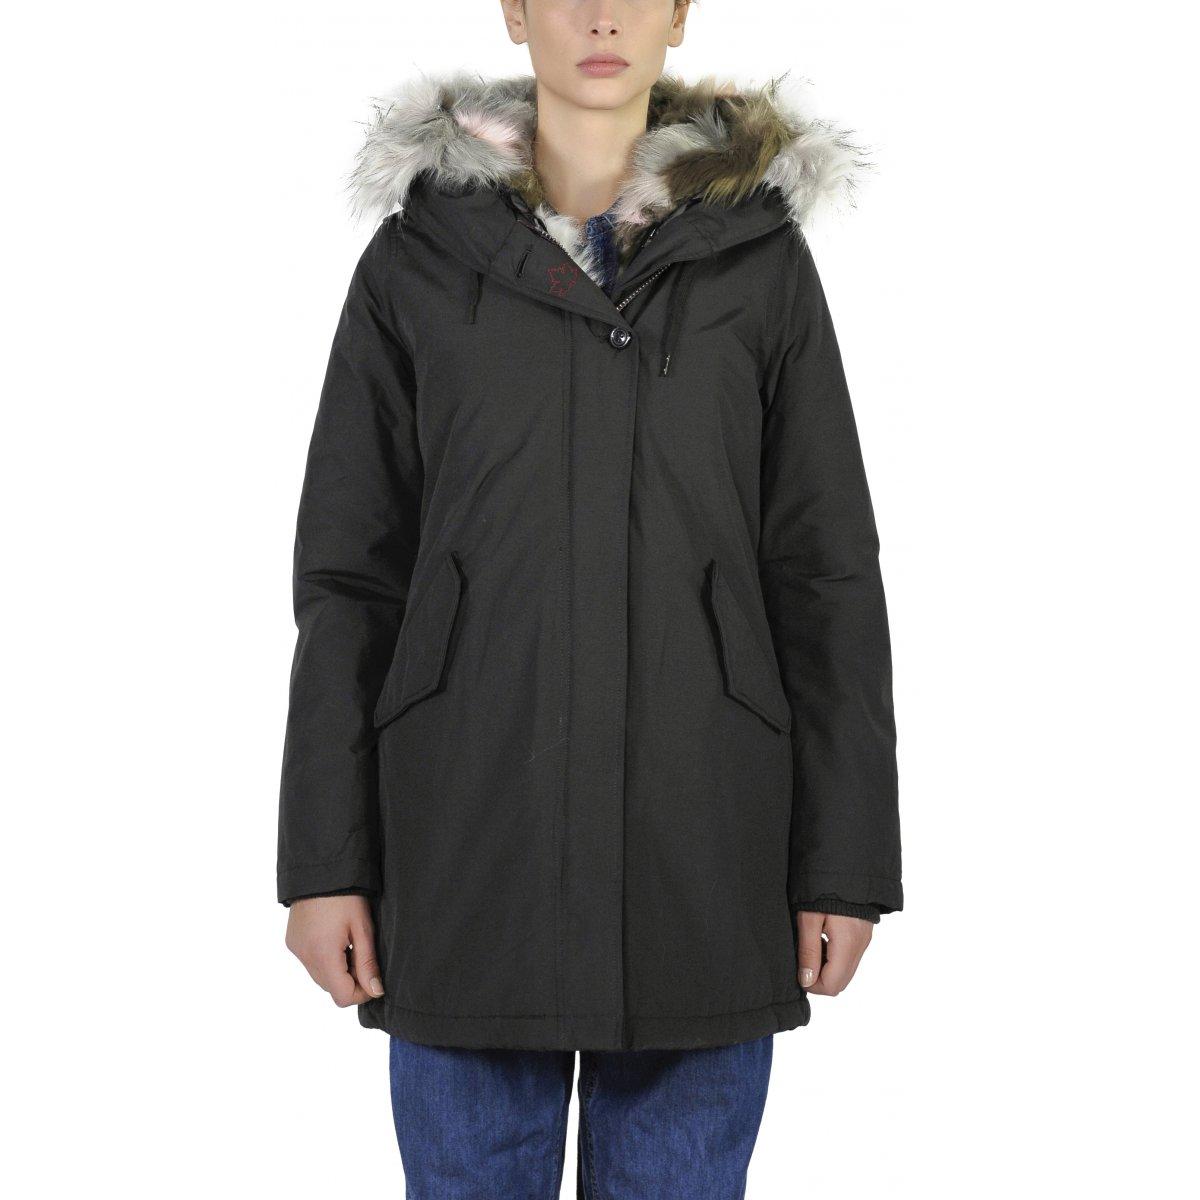 the best attitude 61bd2 42cca Giacca Donna Sonora New Ecopelliccia - Eskimo & Parka ...